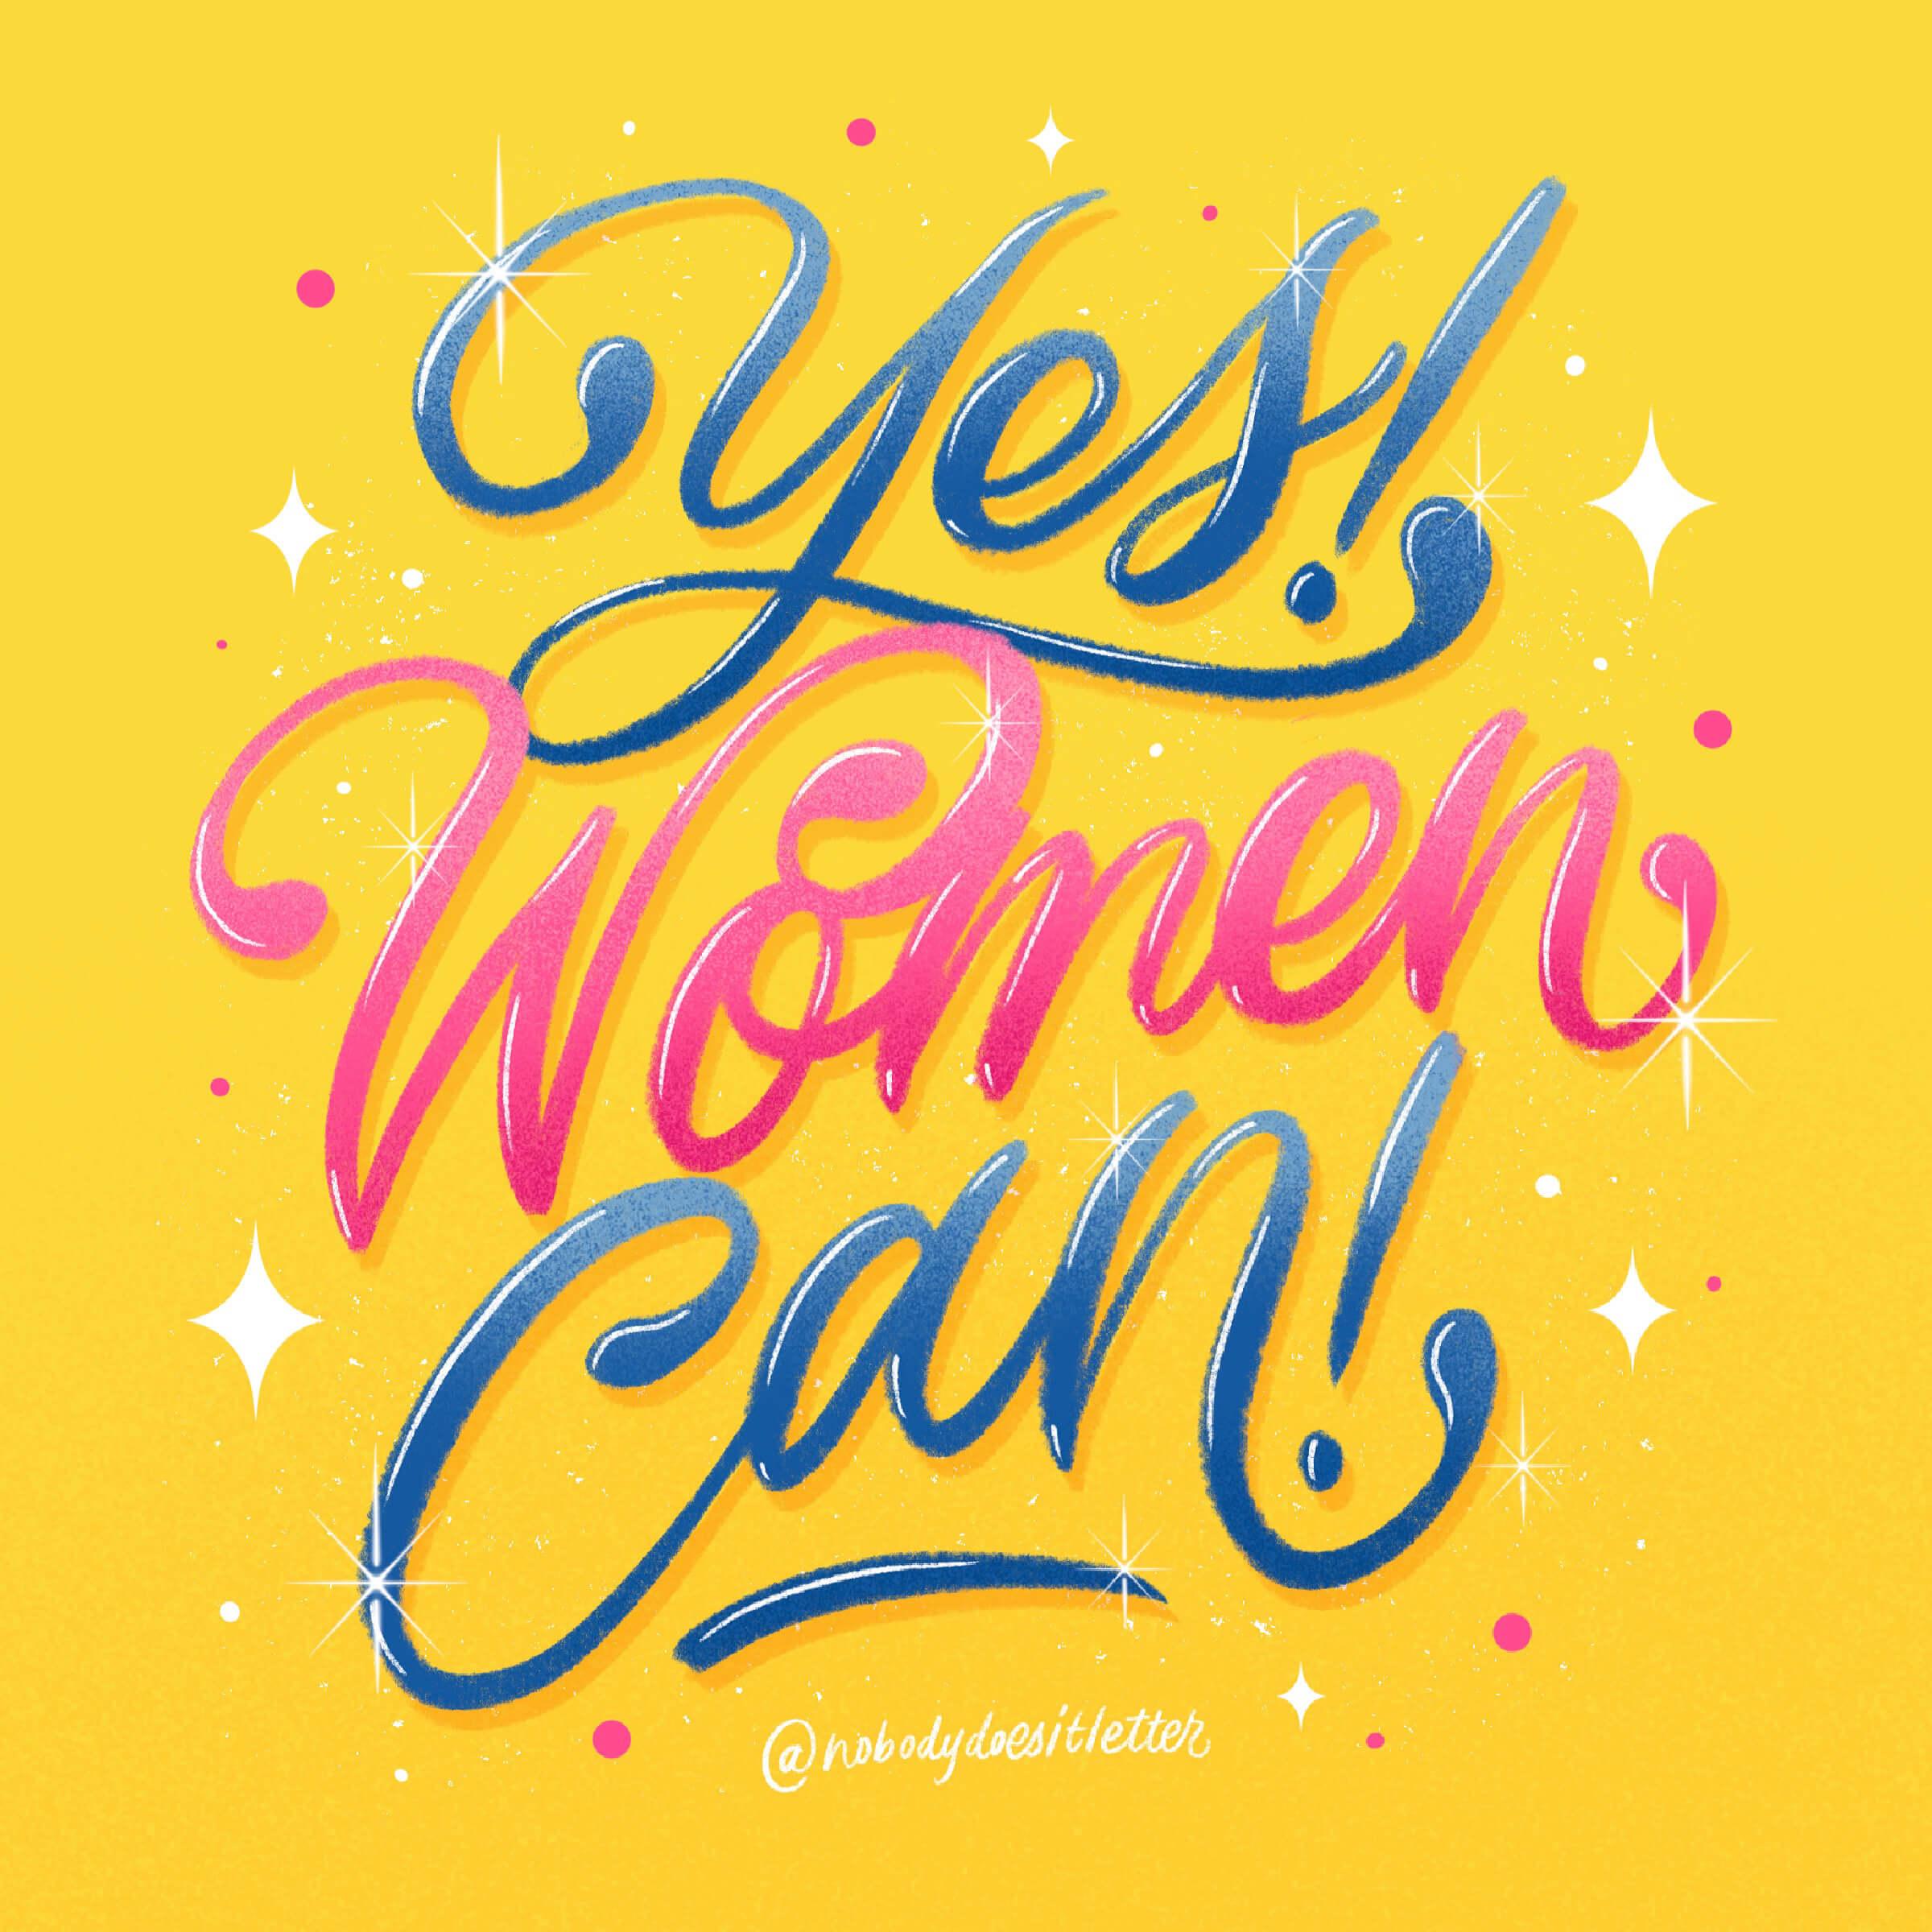 Yes, Women Can! - Ayra De Guia